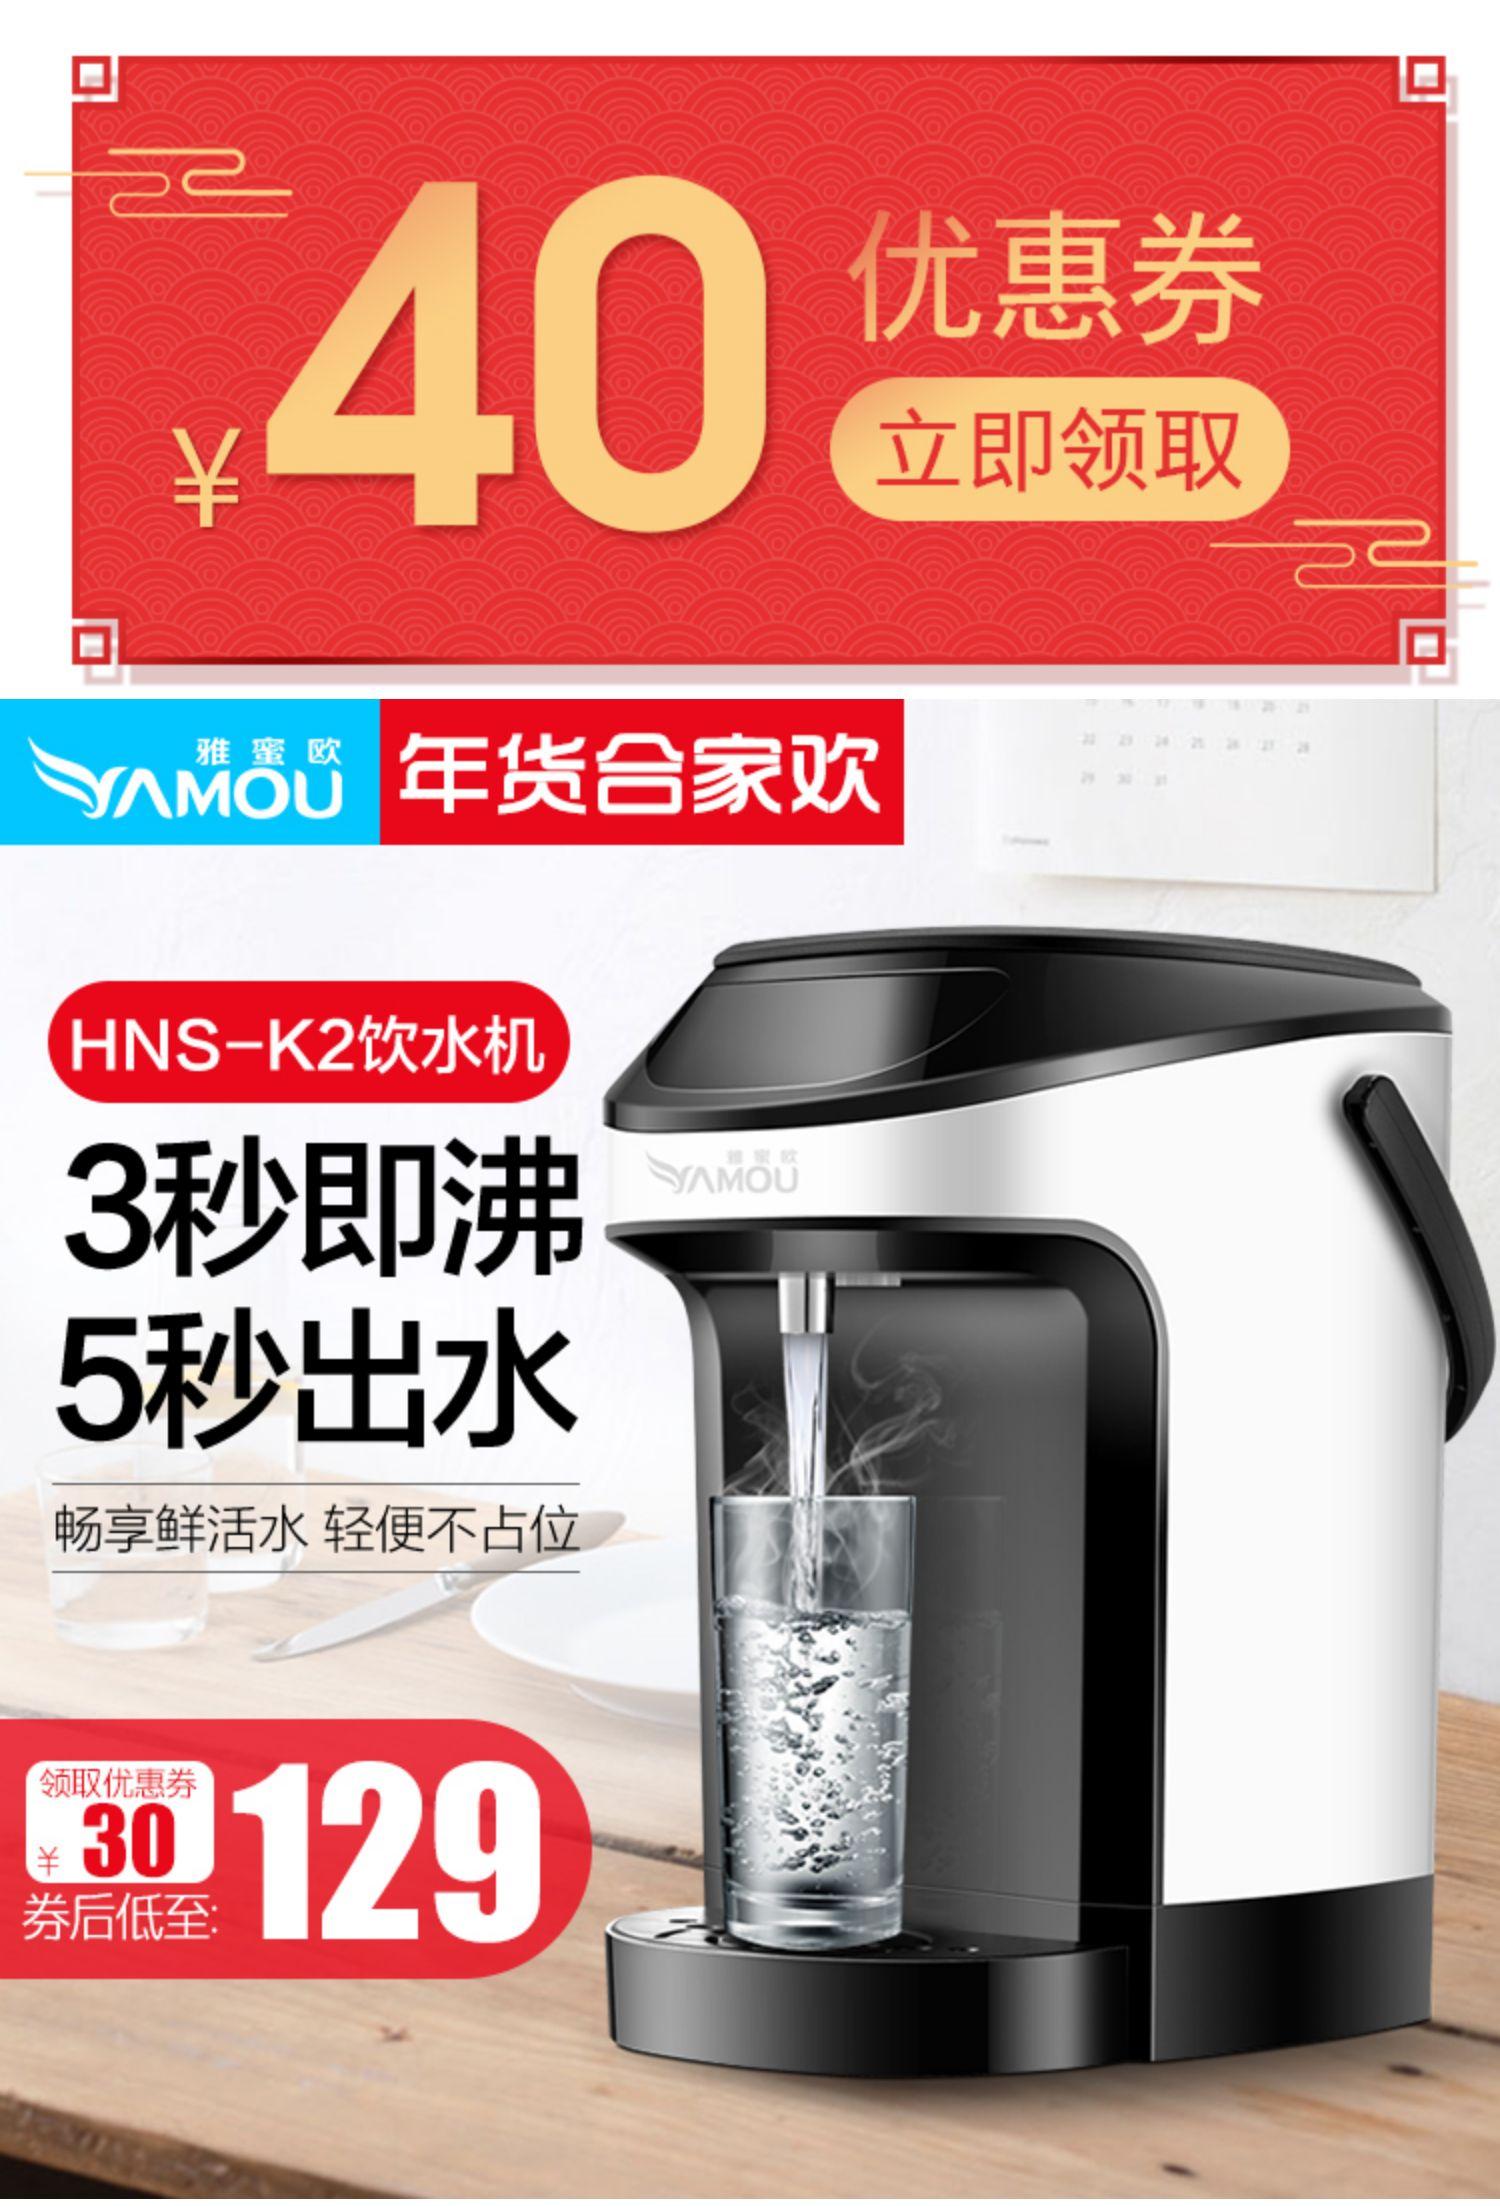 bình siêu tốc delites Bình giữ nhiệt YAMOU / Ya Miou A3 ấm đun nước điện  gia đình ấm siêu tốc thủy tinh philip | Nghiện Shopping